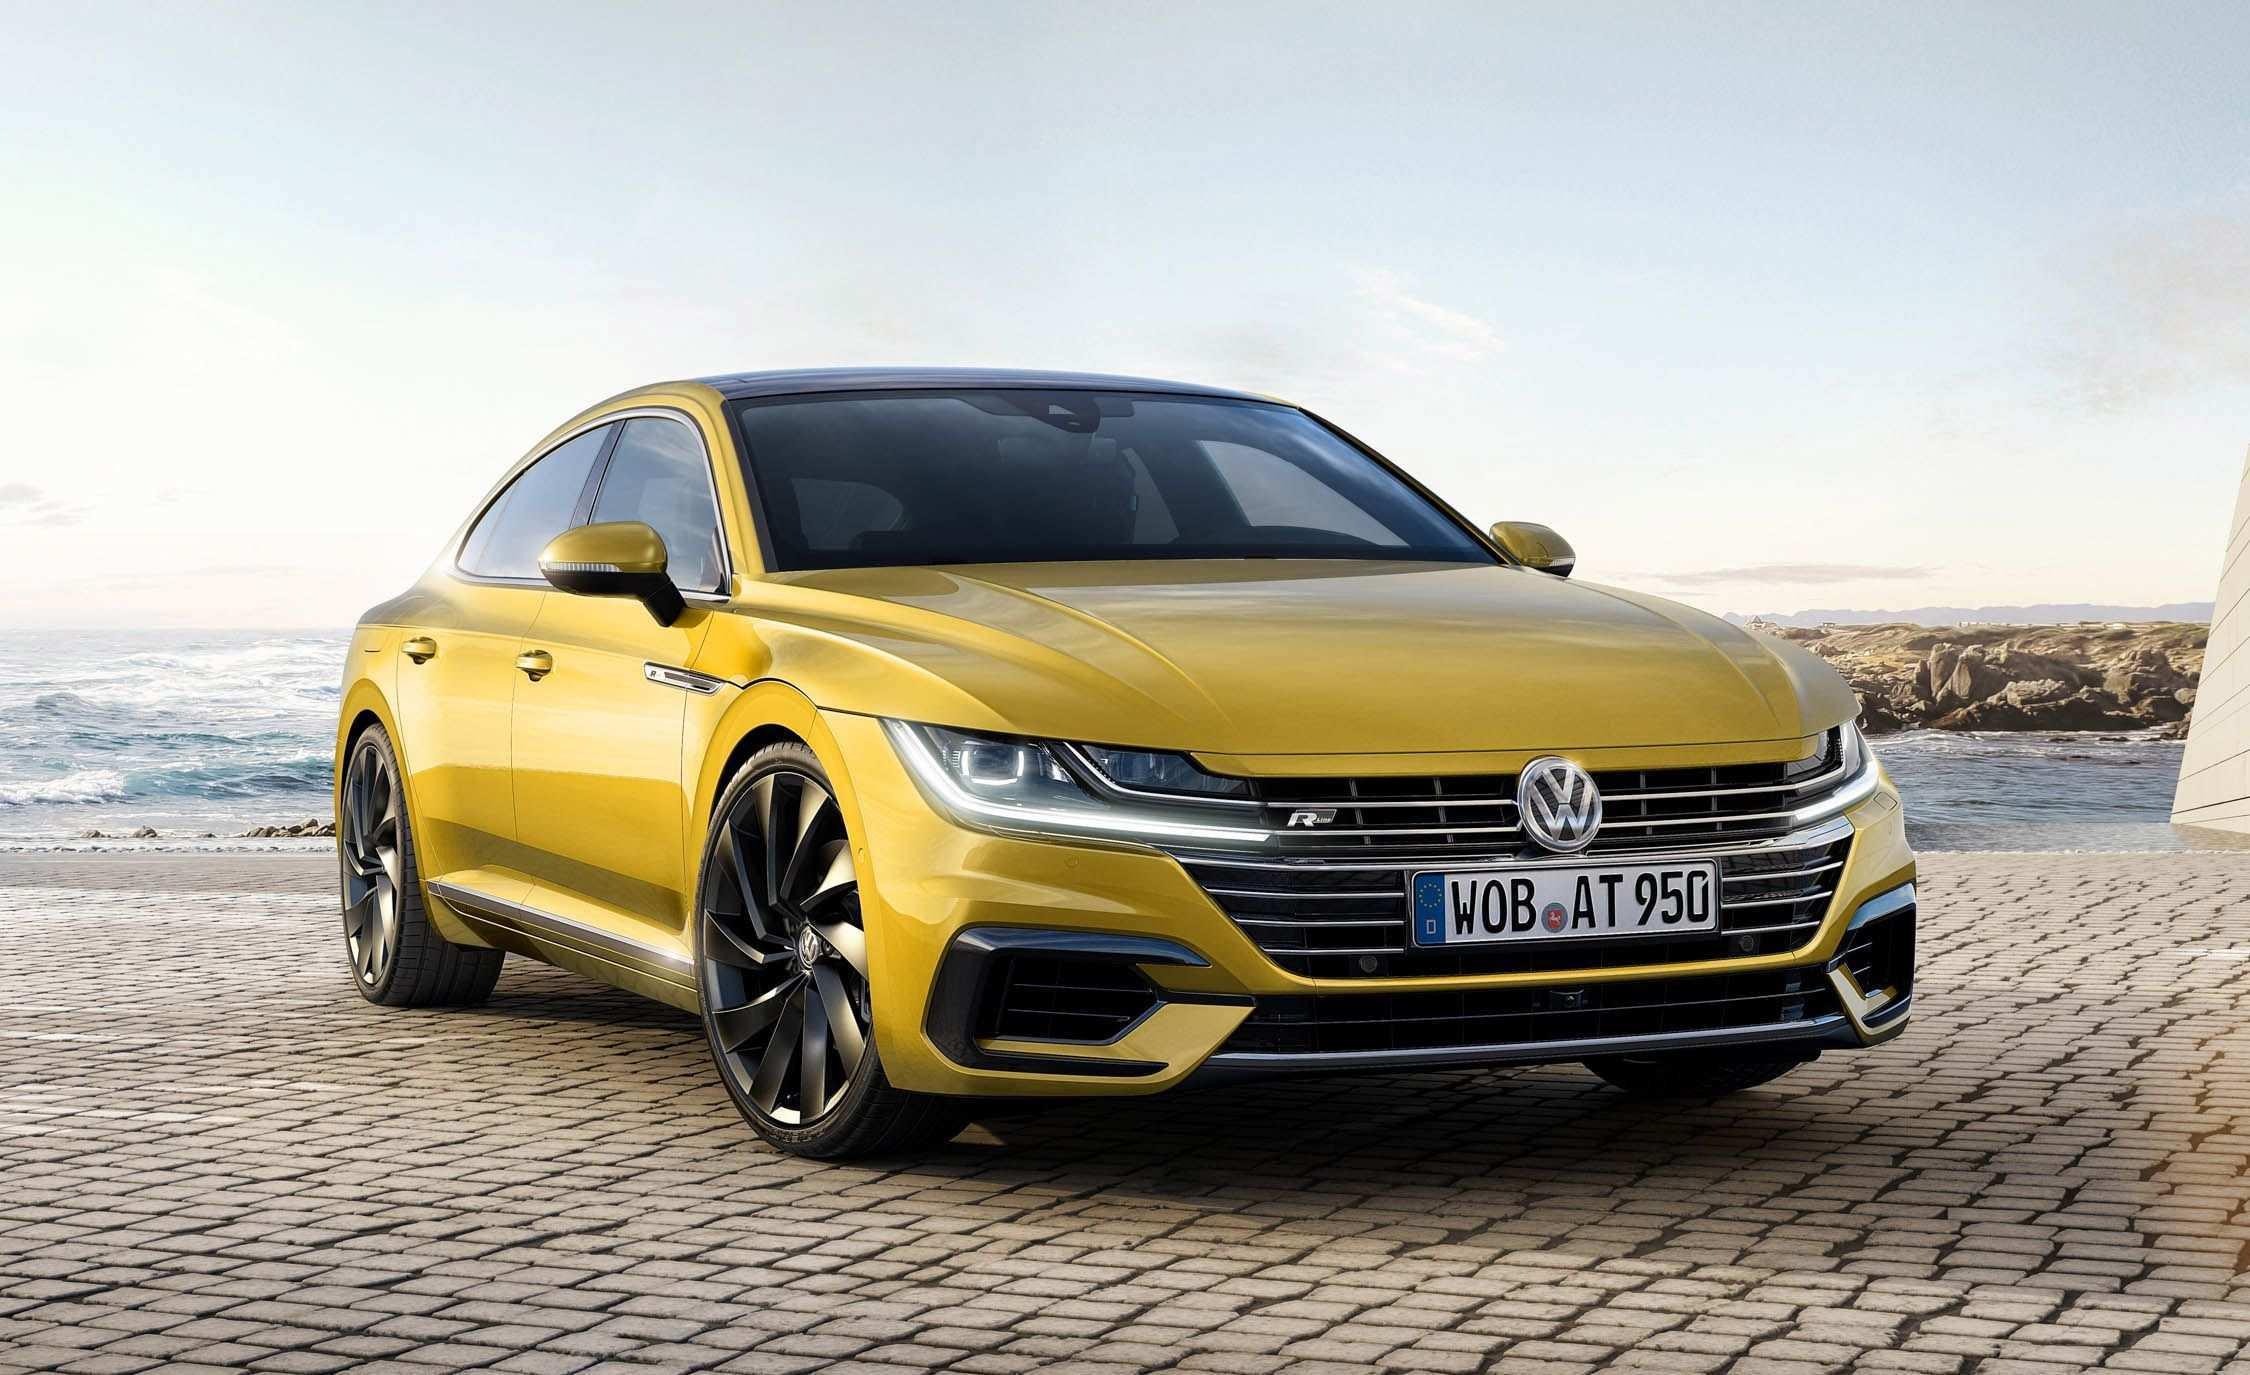 18 The Volkswagen Arteon 2020 Exterior Date Engine for Volkswagen Arteon 2020 Exterior Date